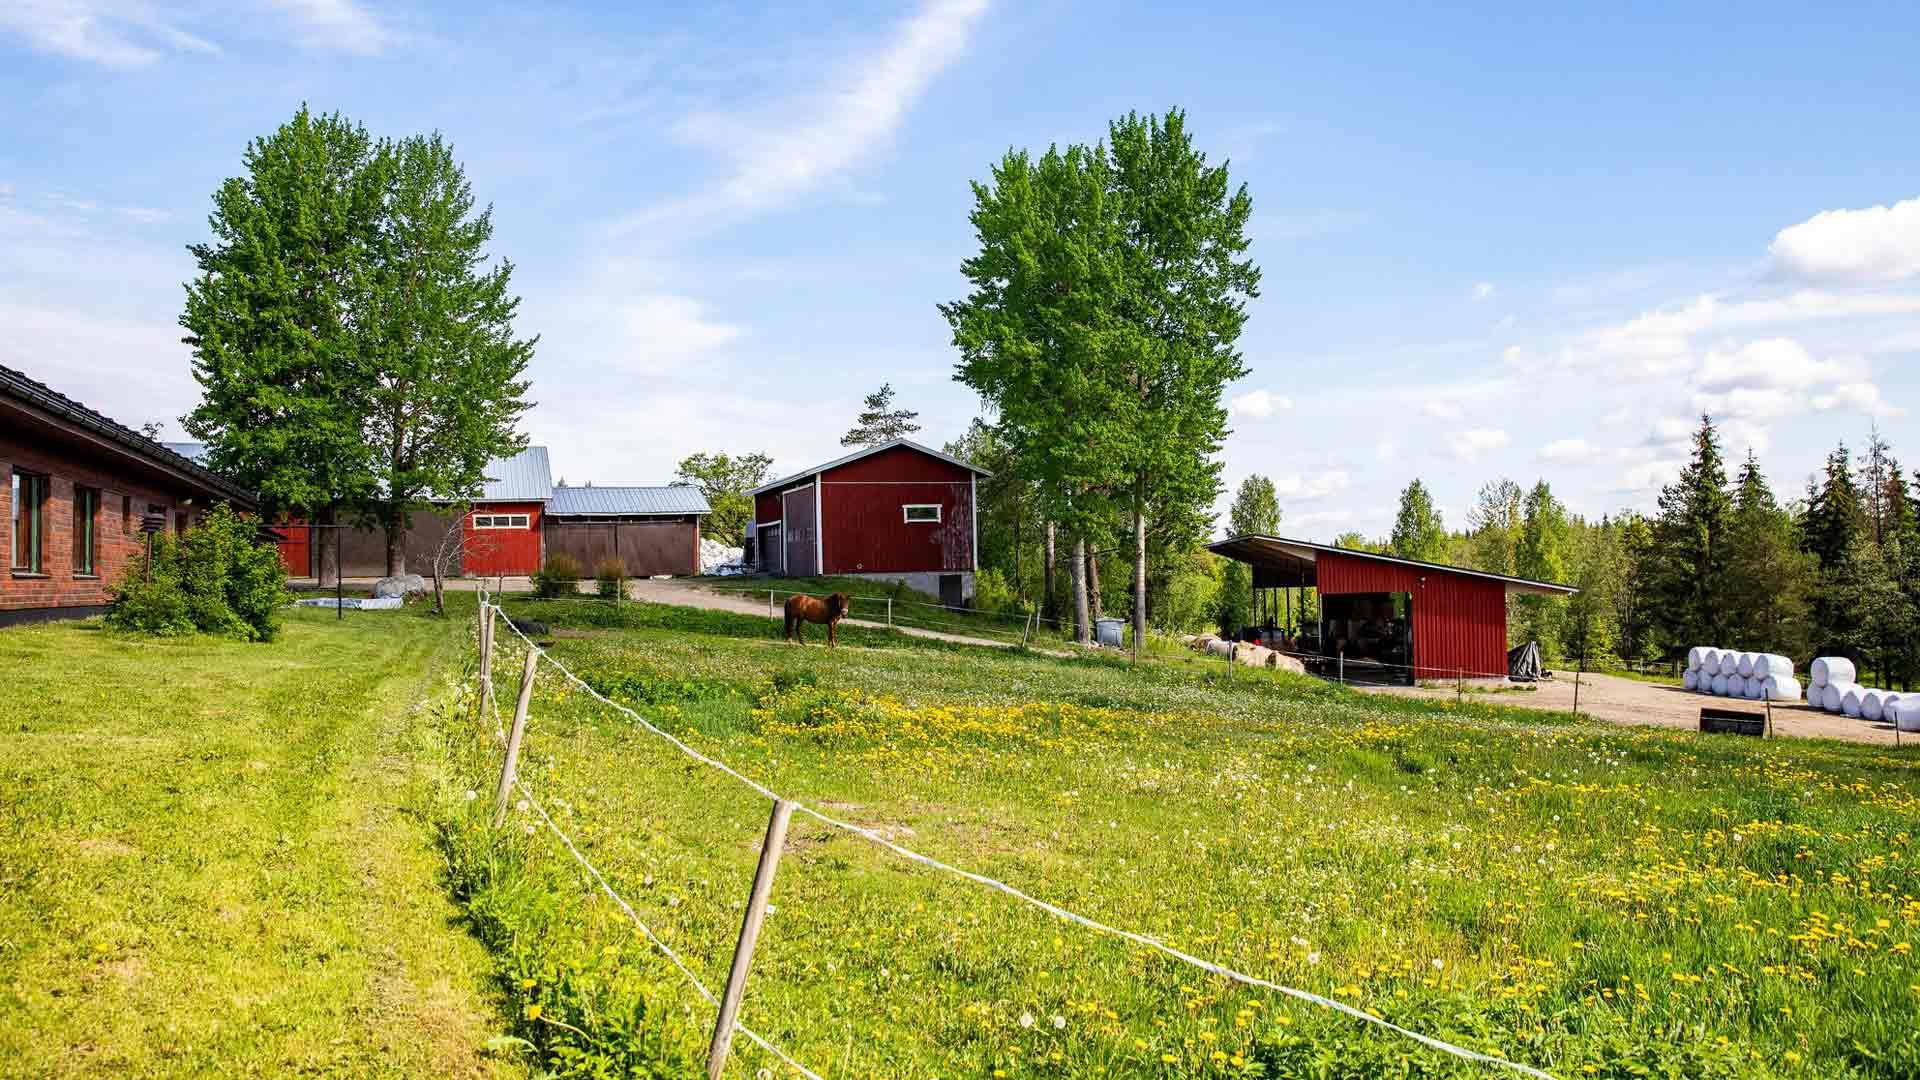 Anna ja Eerik Siiriäinen ovat harjoittaneet viisitoista vuotta luonnonmukaista viljelyä ja karjankasvatusta tilallaan Hirvensalmella.